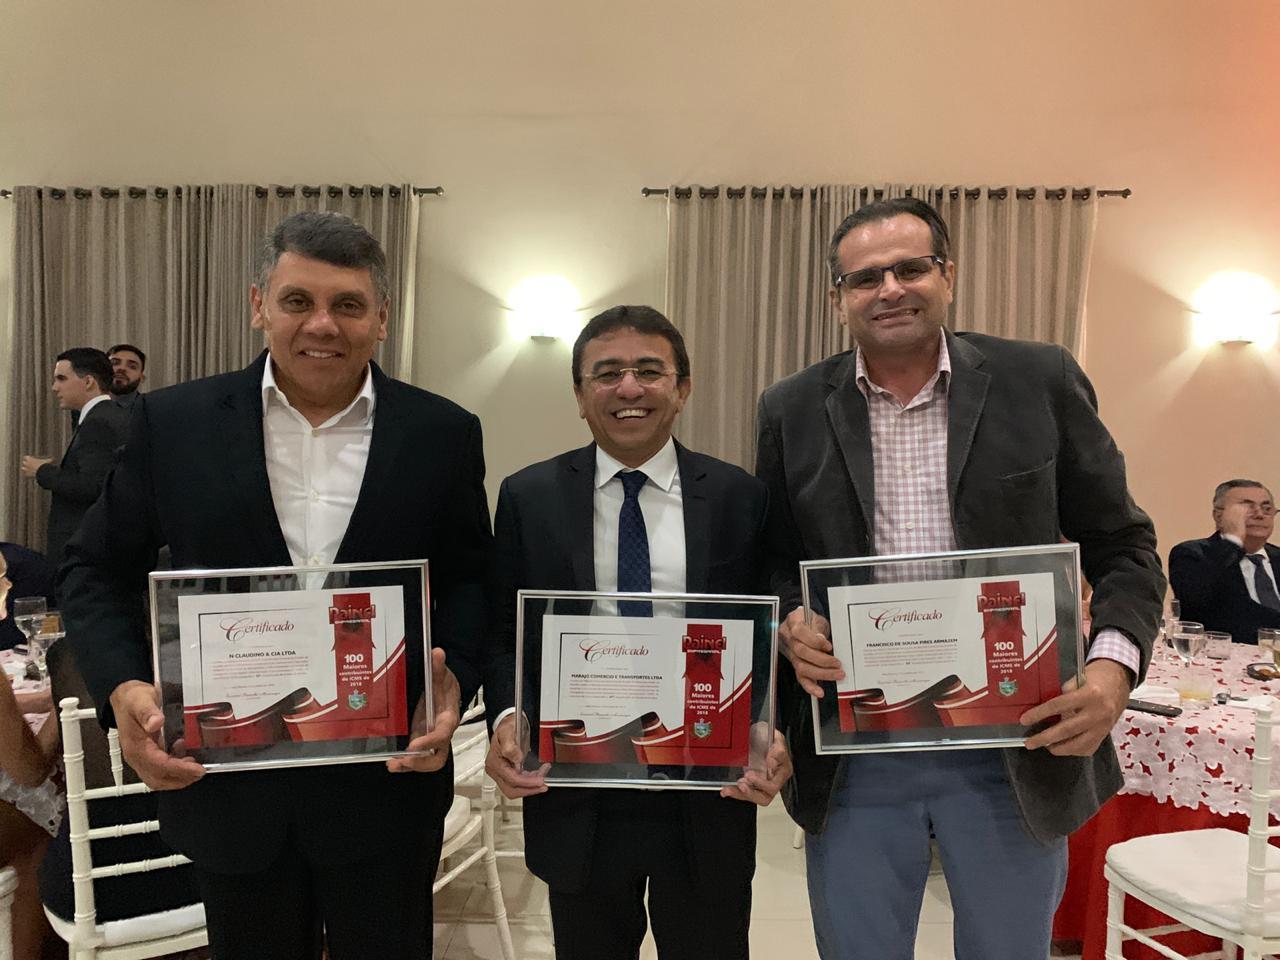 100 MAIORES E A FORÇA DO SERTÃO: Armazém Paraíba, Marajó e Armazém Galdino crescem se consolidam no estado inteiro